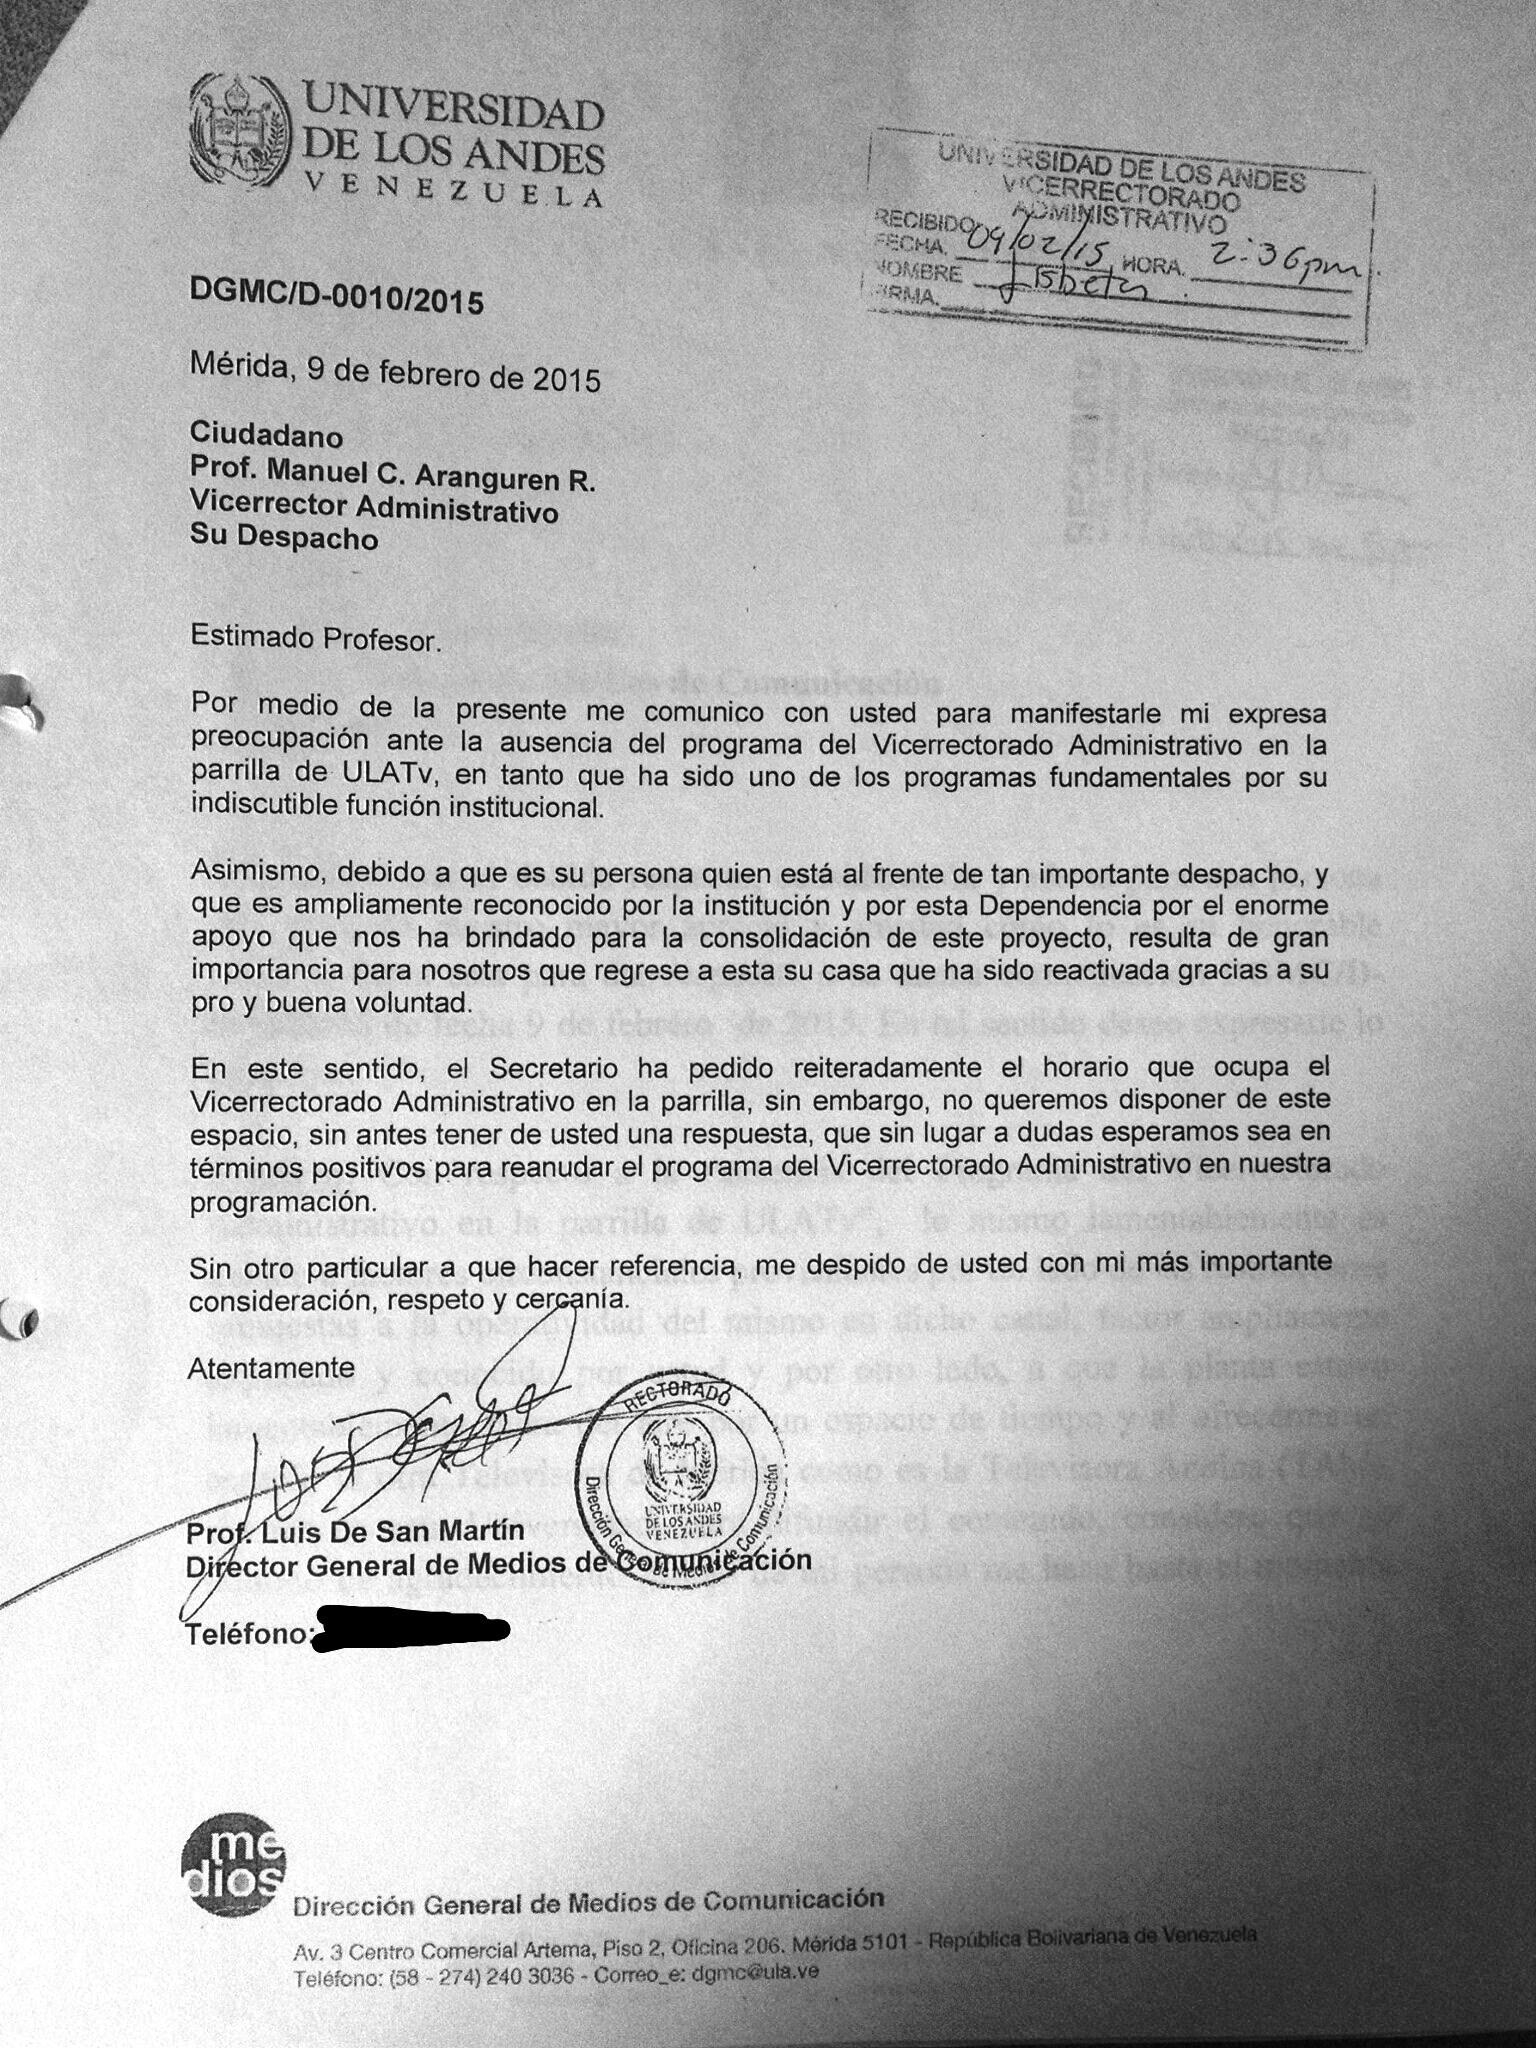 Gobernador asegura que ULA TV ejerce \